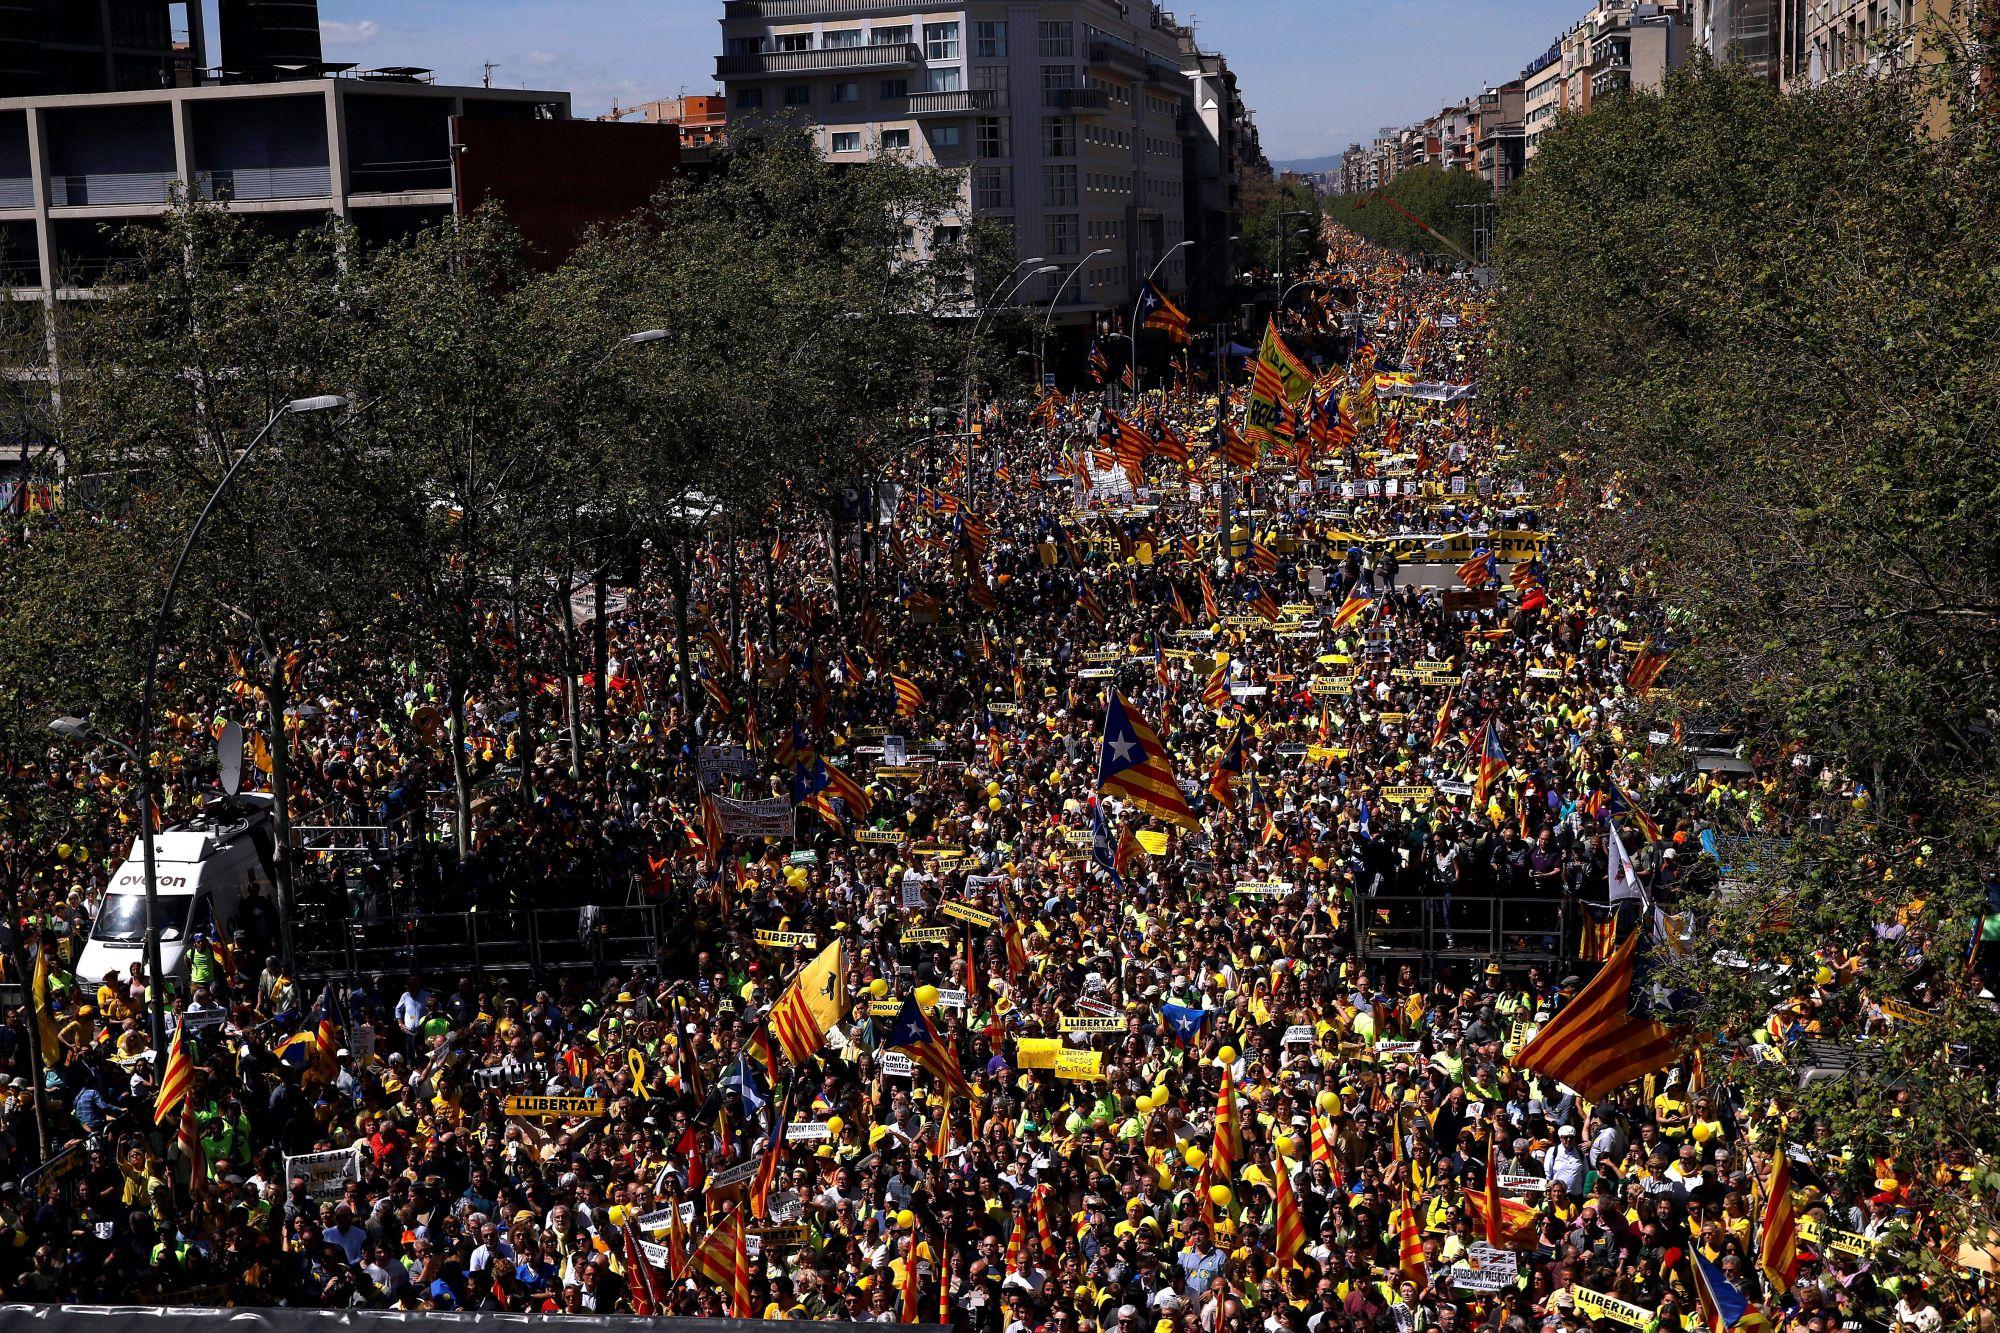 Tüntetők vonulnak Barcelonában a bebörtönzött katalán politikusok szabadon engedéséért, 2018. április 15-én.  EPA/Quique Garcia